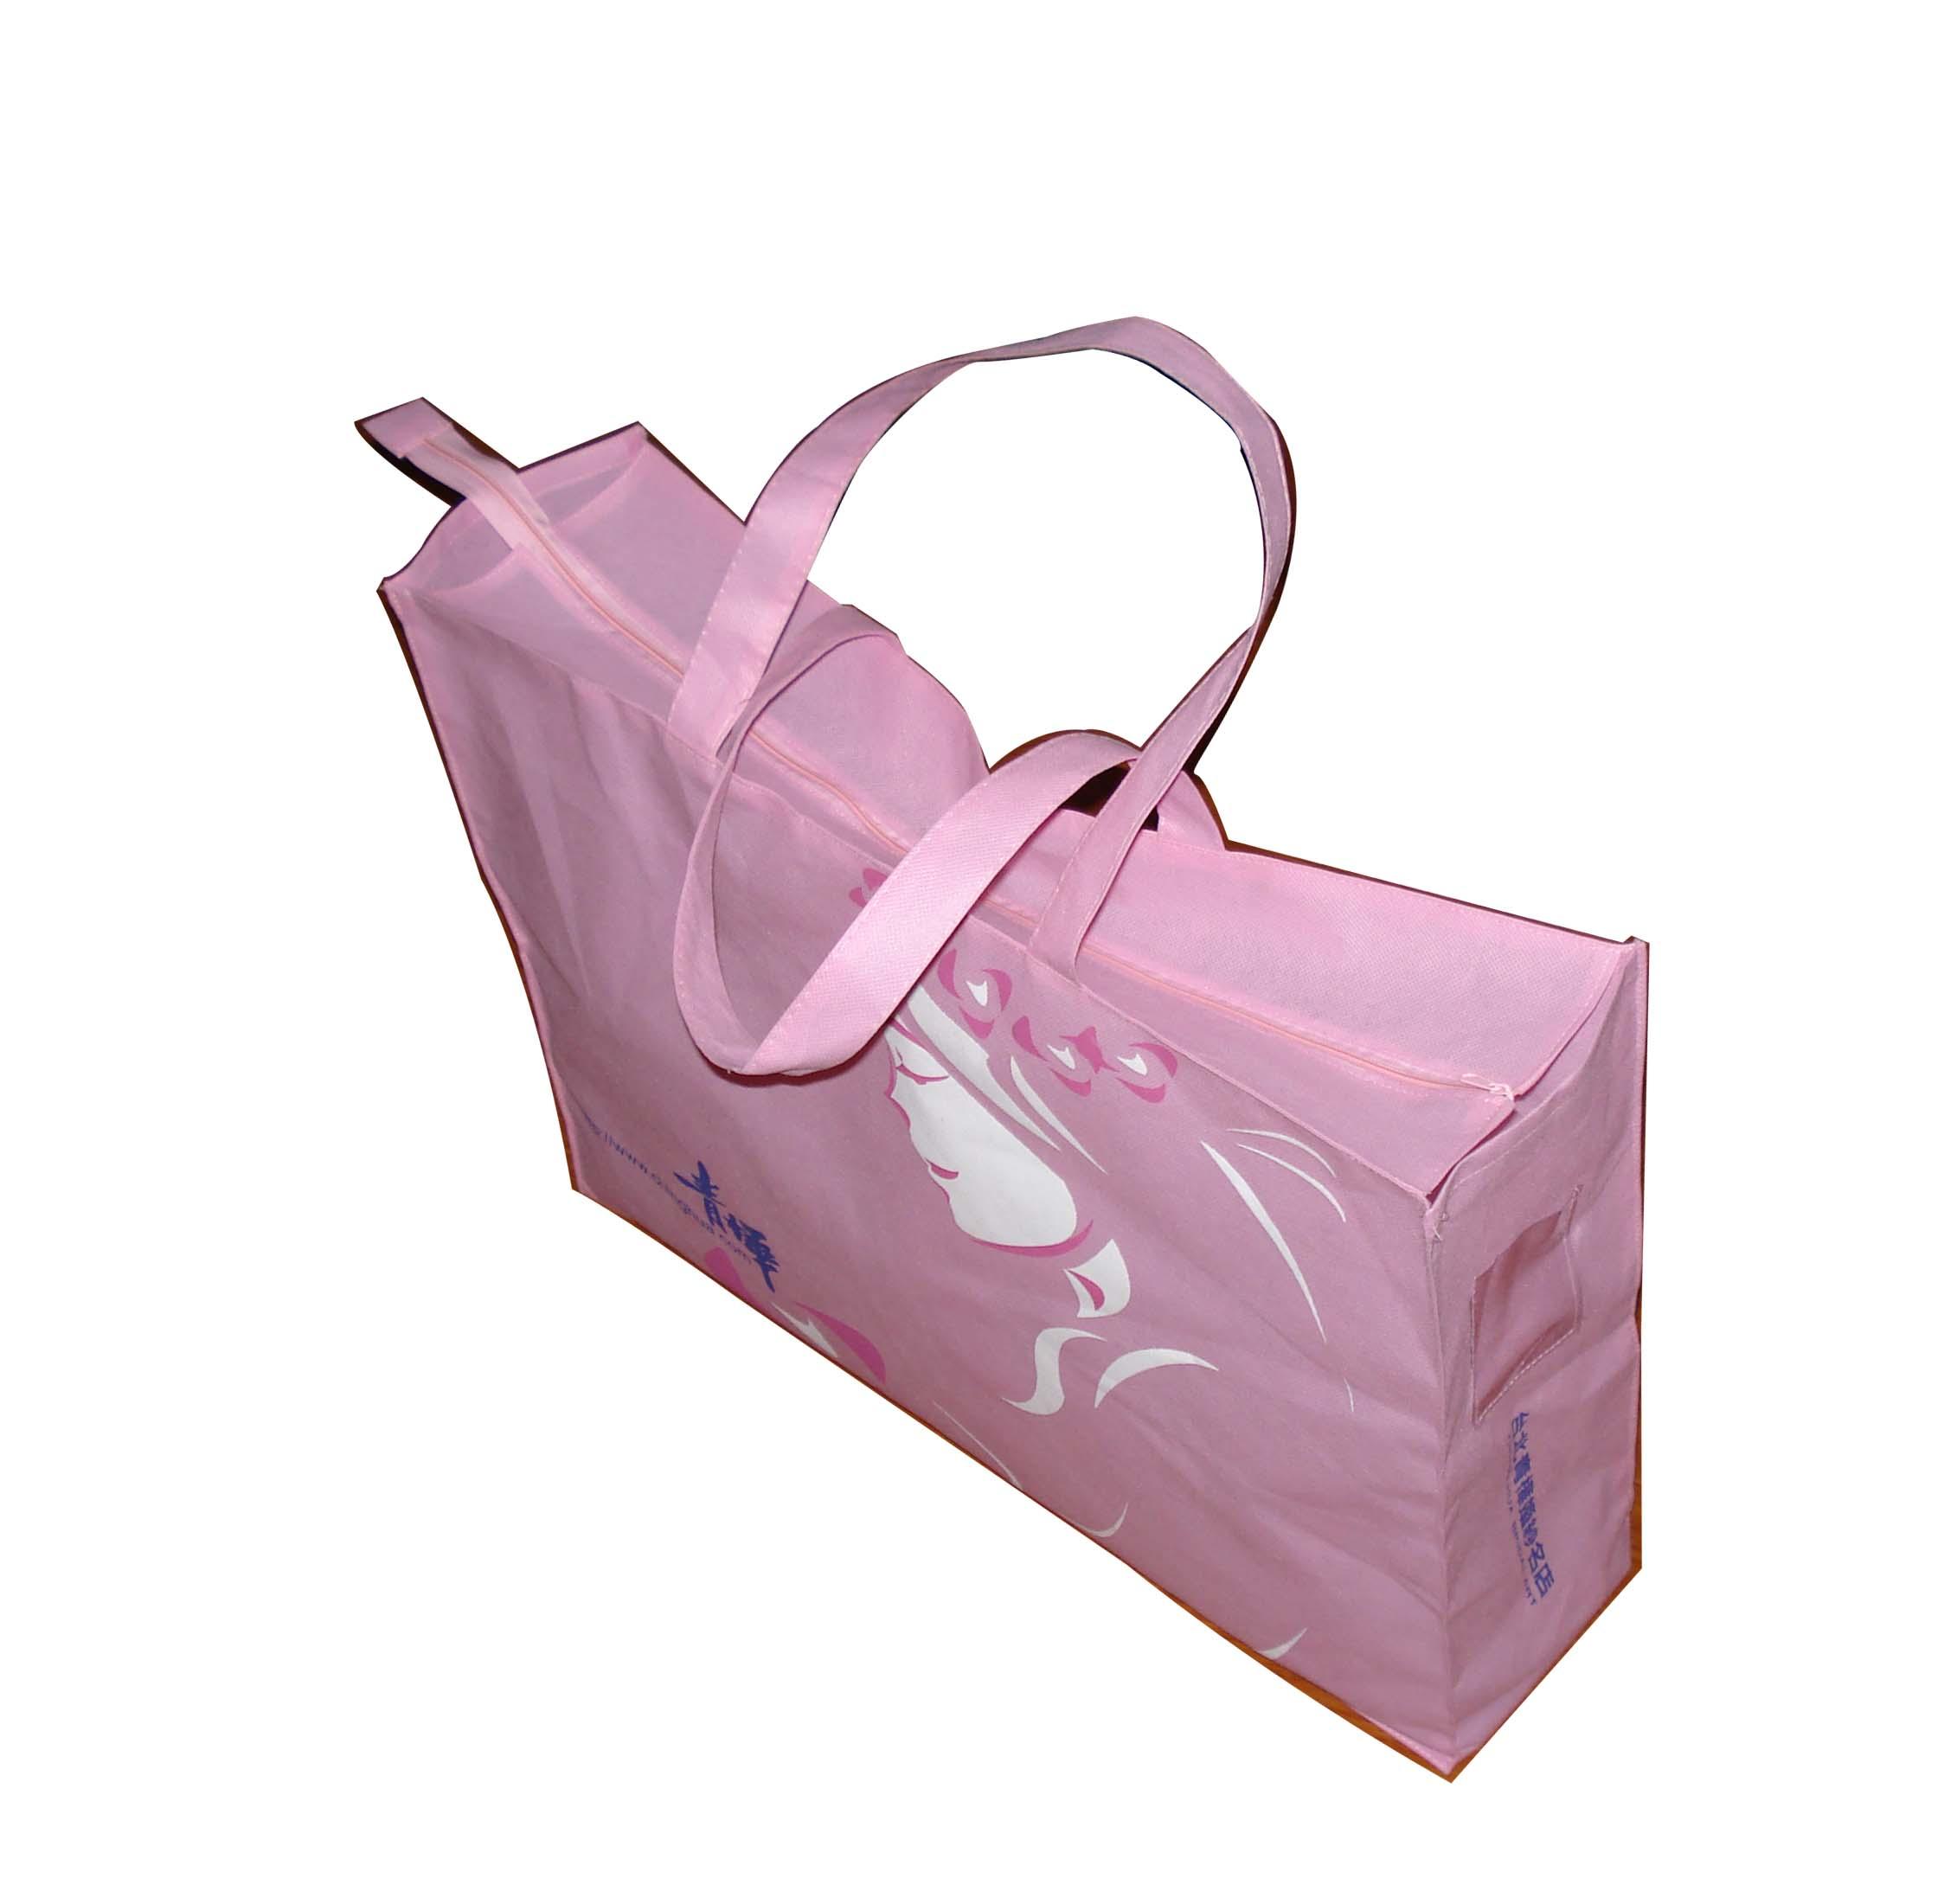 温州市苍南禾力箱包厂座落在有中国印刷城、中国礼品城之称的龙港!本厂专业生产各种旅行包、公文包、无纺布袋、牛津布袋、手提袋、西装套、围裙、广告帽、折叠式水桶等礼品促销品企业。 多年以来,禾力箱包从单一门市部到专业生产的发展路程,非常明白诚信与质量是生意的源泉。禾力箱包会全心全意地以不断要求上进的品质回报客户!欢迎新老客户来样来电洽谈业务!